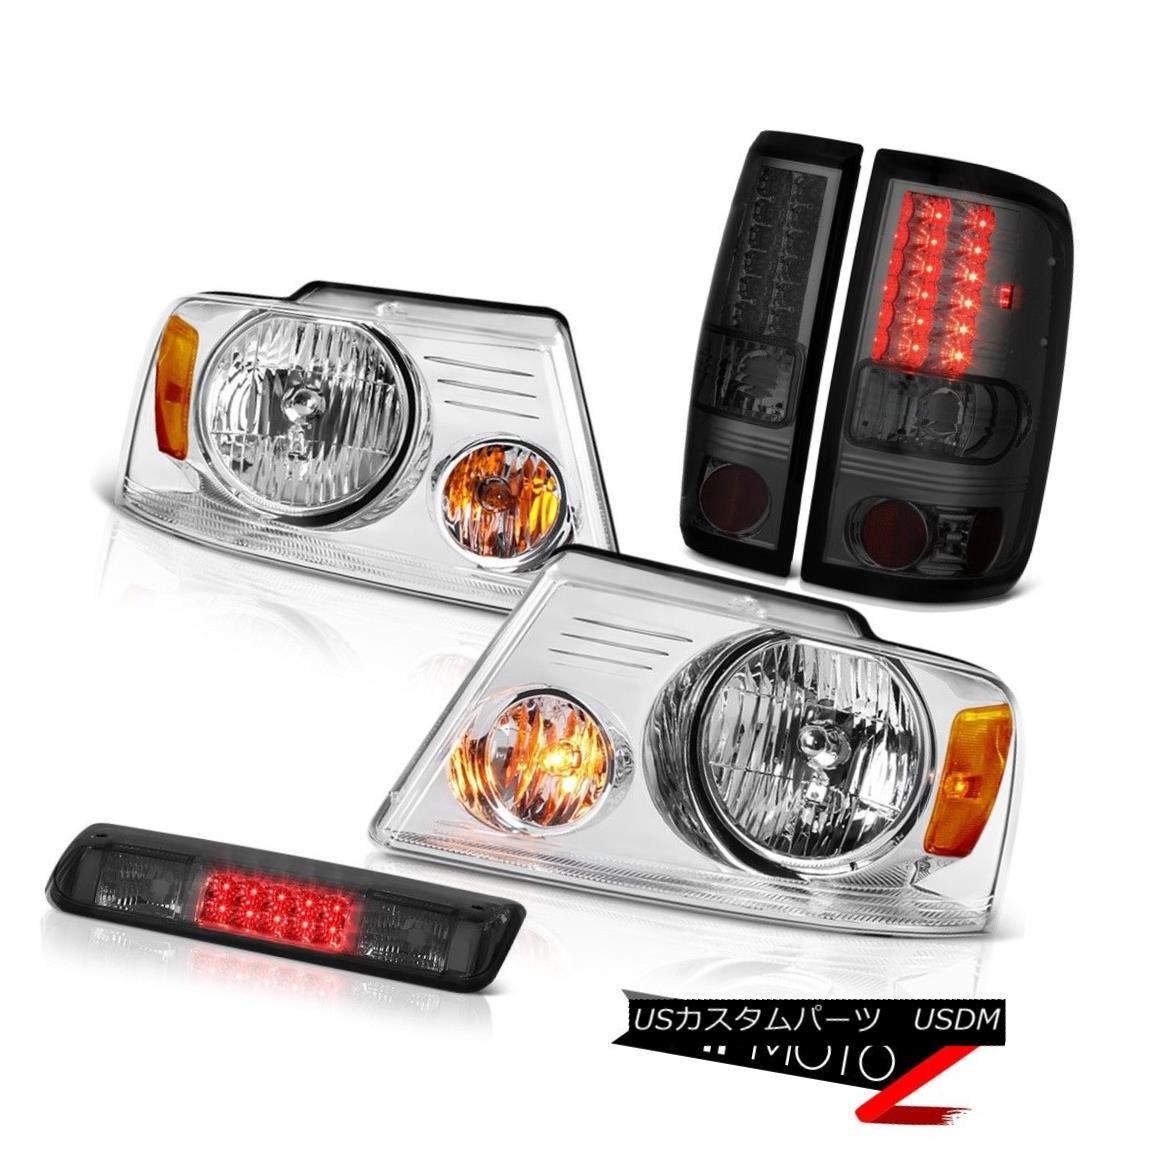 テールライト 2004-2008 Ford F150 XL Roof Cab Light Chrome Headlights Rear Brake Lights LED 2004-2008フォードF150 XLルーフキャブライトクロームヘッドライトリアブレーキライトLED